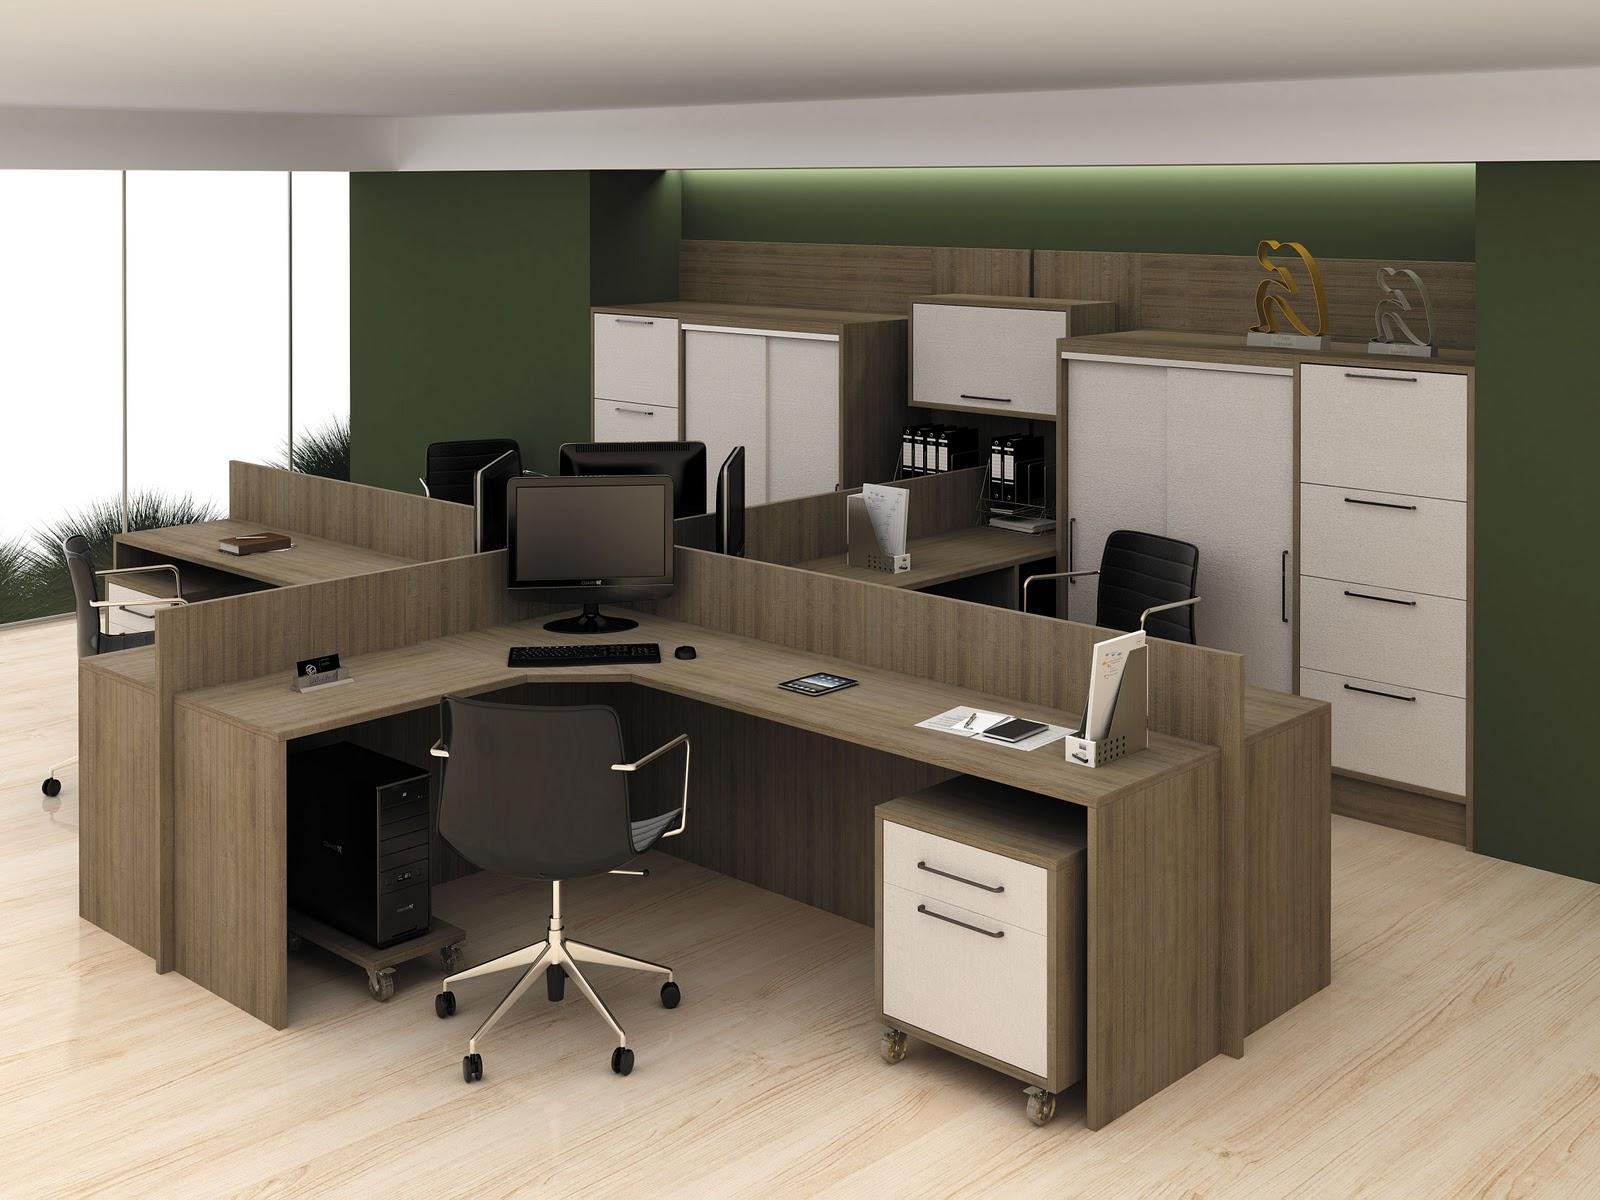 Seis fotos de modelos de escritórios bem sugestivas você já pode  #866845 1600x1200